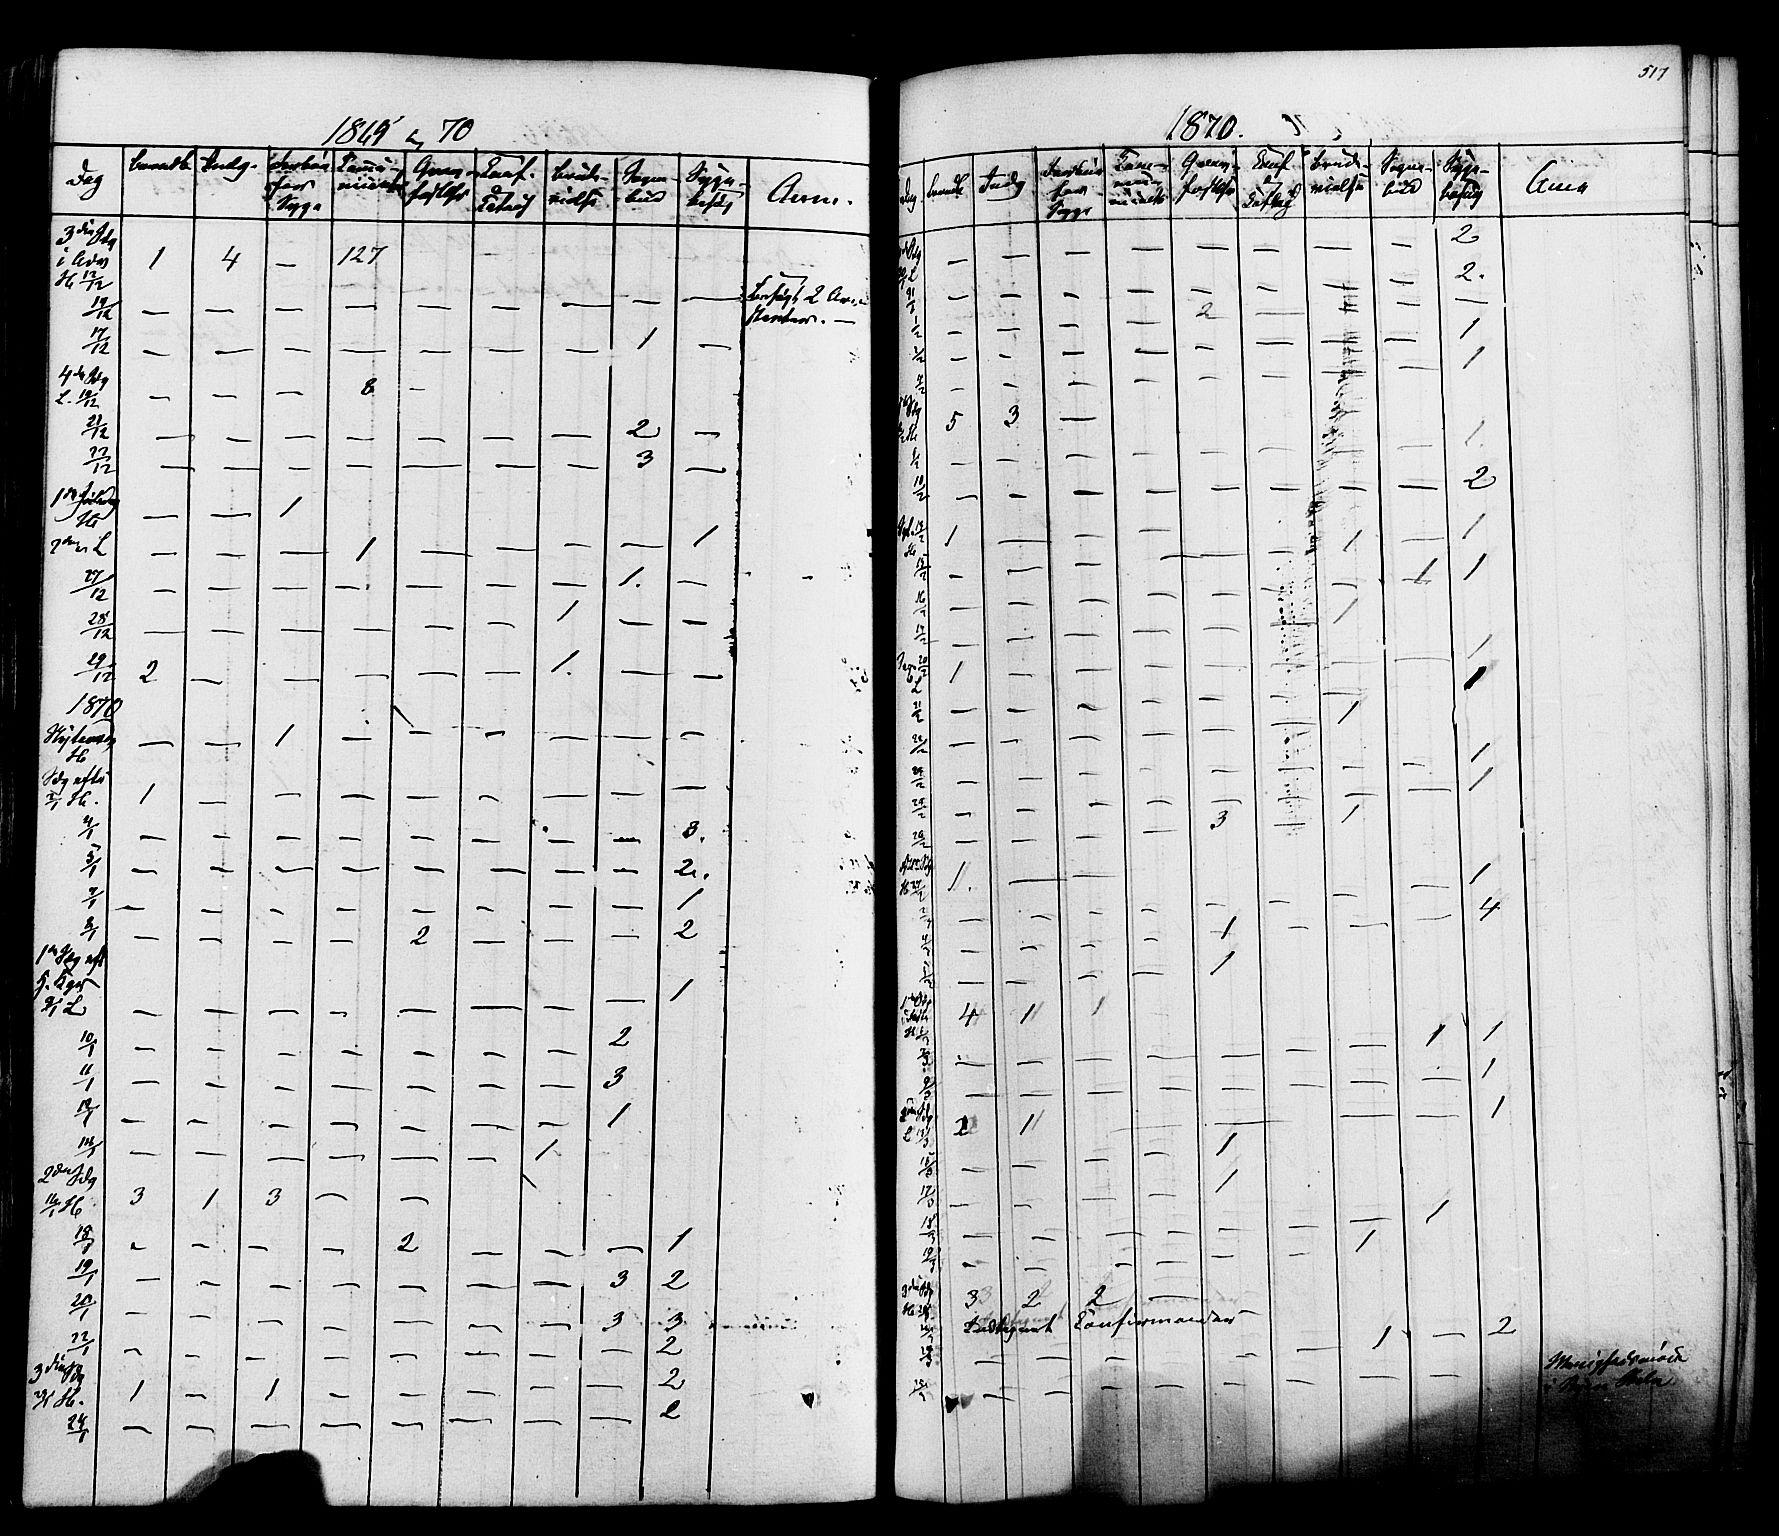 SAKO, Heddal kirkebøker, F/Fa/L0007: Ministerialbok nr. I 7, 1855-1877, s. 517